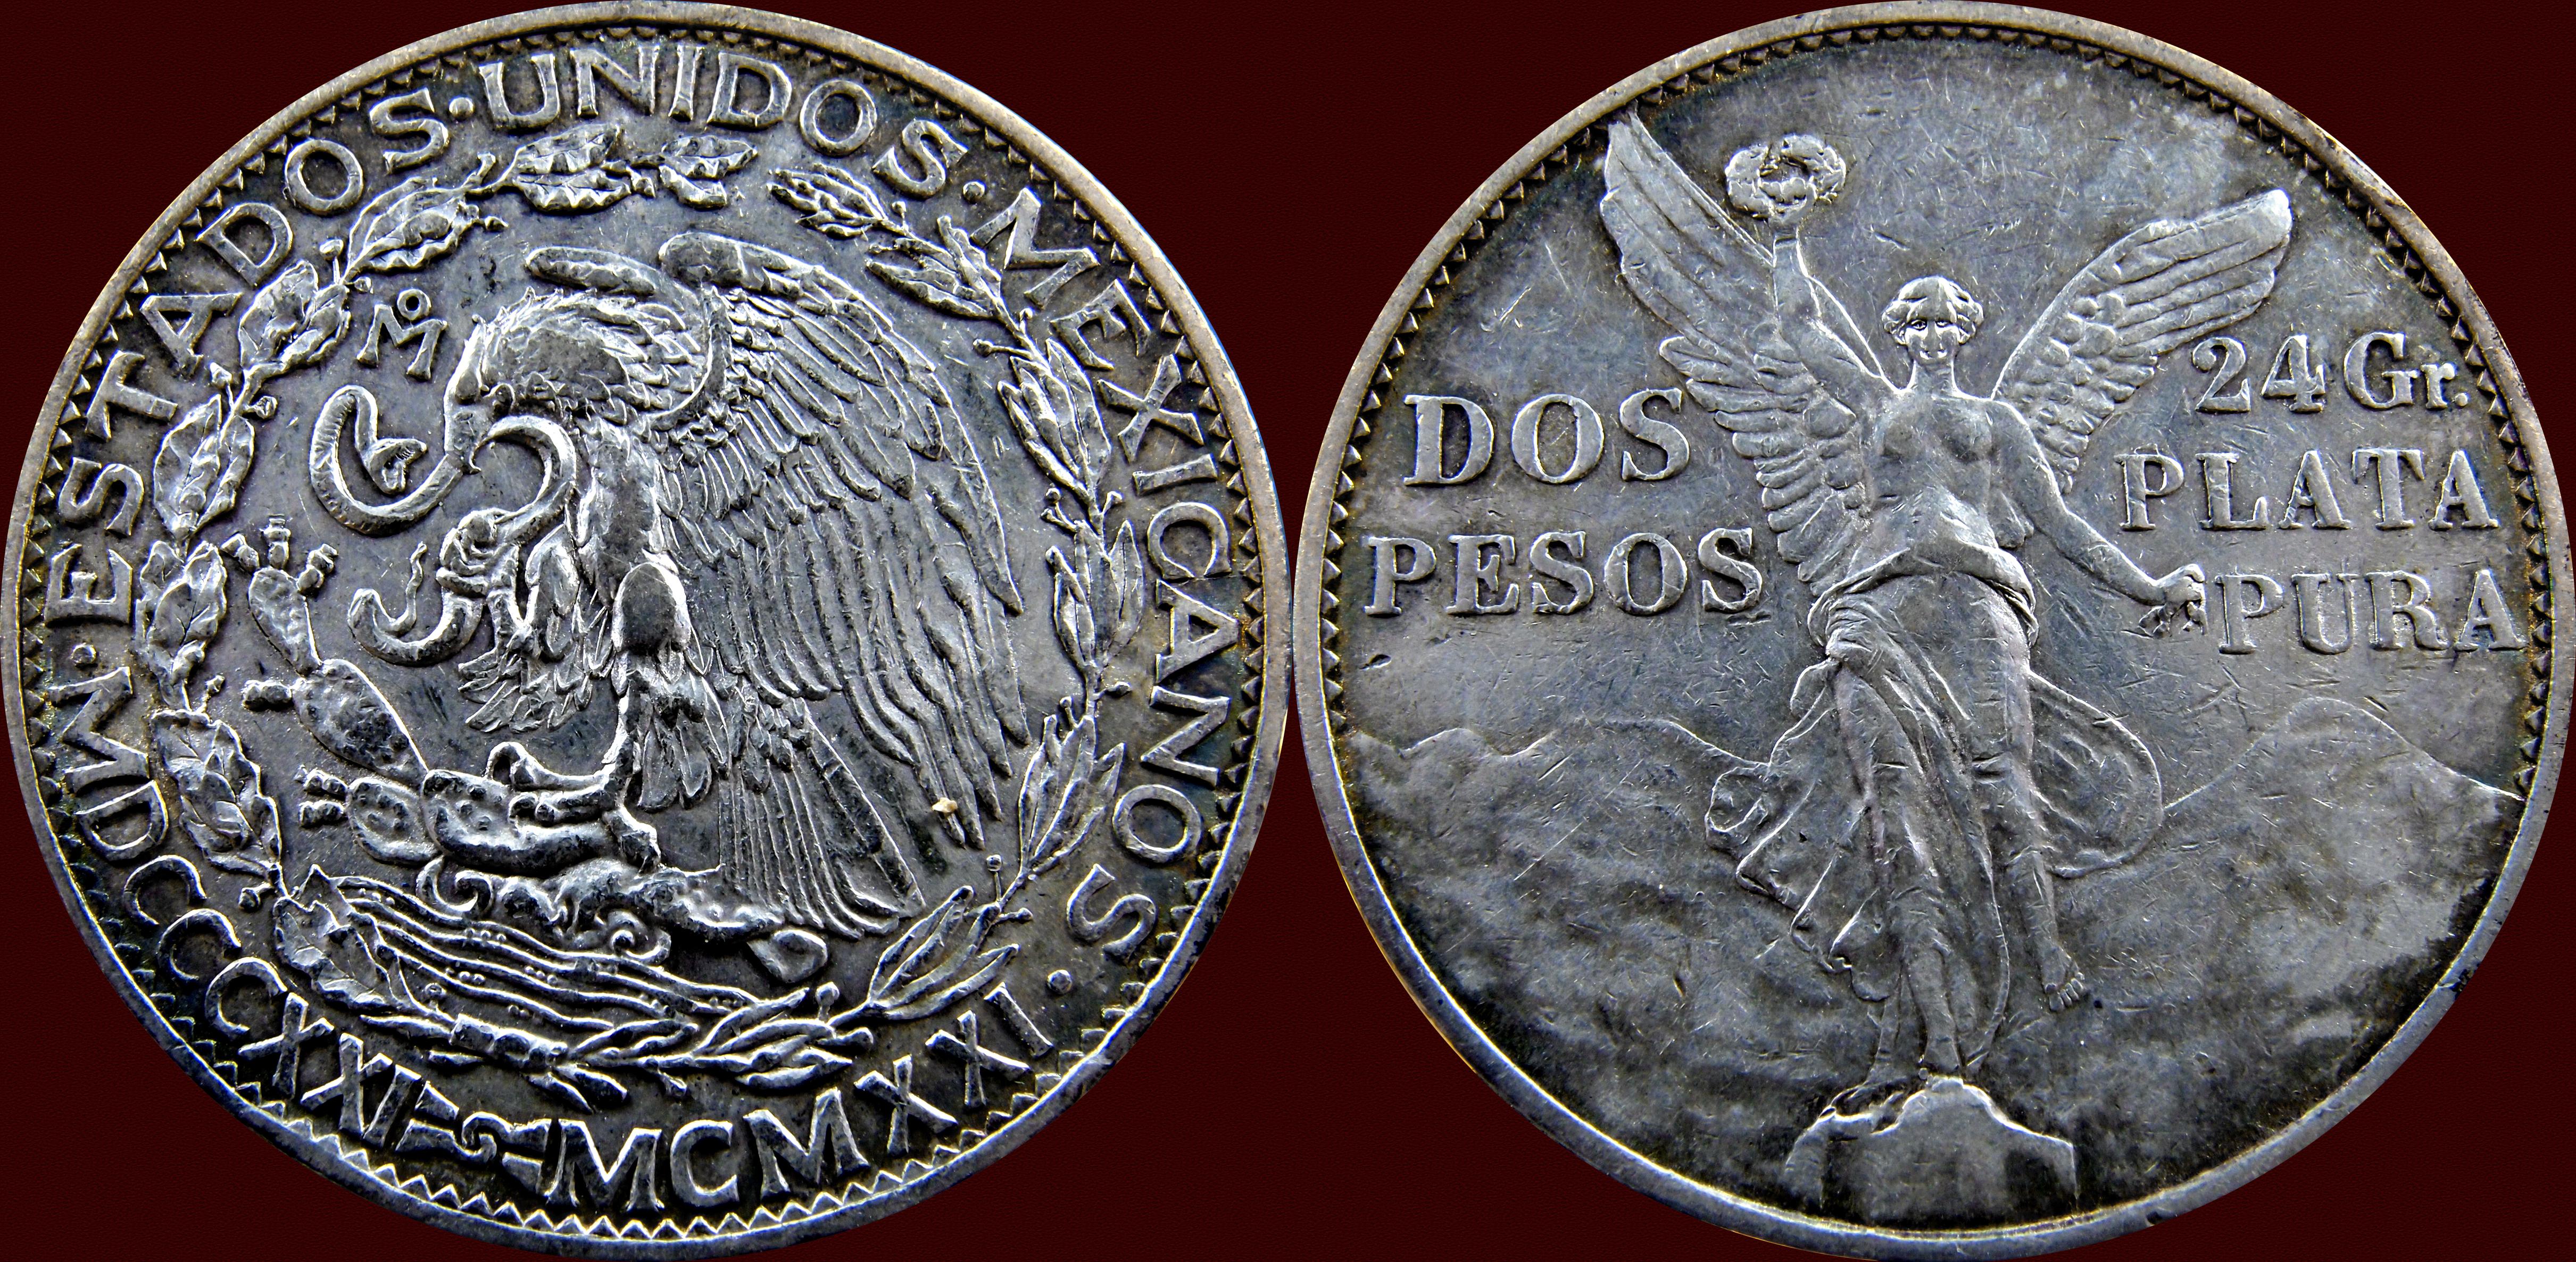 2 Pesos, Mexico 1921. Conmemorativa del Centenario de la Independencia de Mexico. 13188665084_318788c52d_o